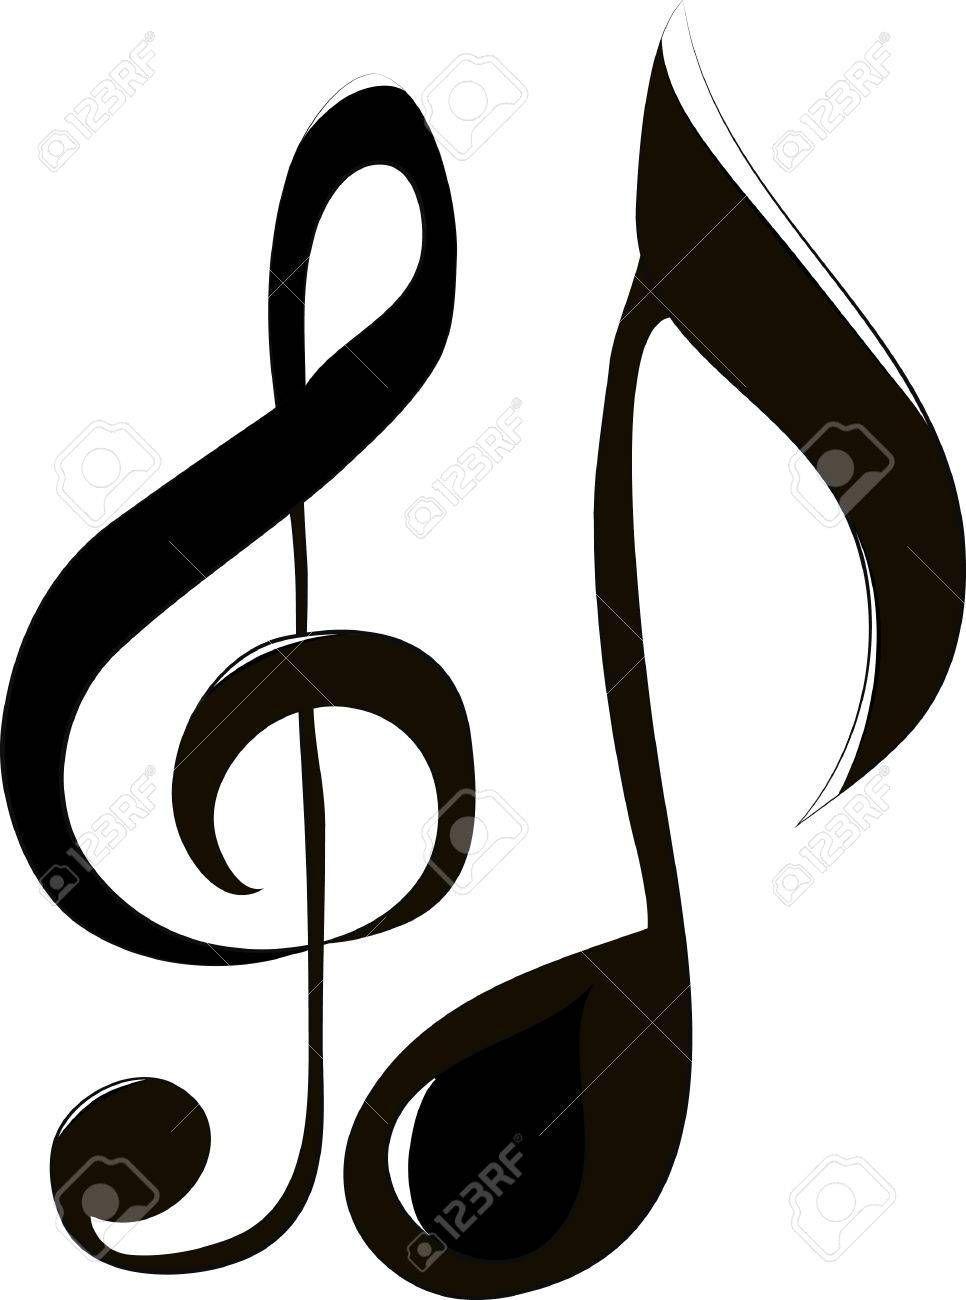 treble clef and note , #Ad, #treble, #clef, #note #trebleclef treble clef and note , #Ad, #treble, #clef, #note #trebleclef treble clef and note , #Ad, #treble, #clef, #note #trebleclef treble clef and note , #Ad, #treble, #clef, #note #trebleclef